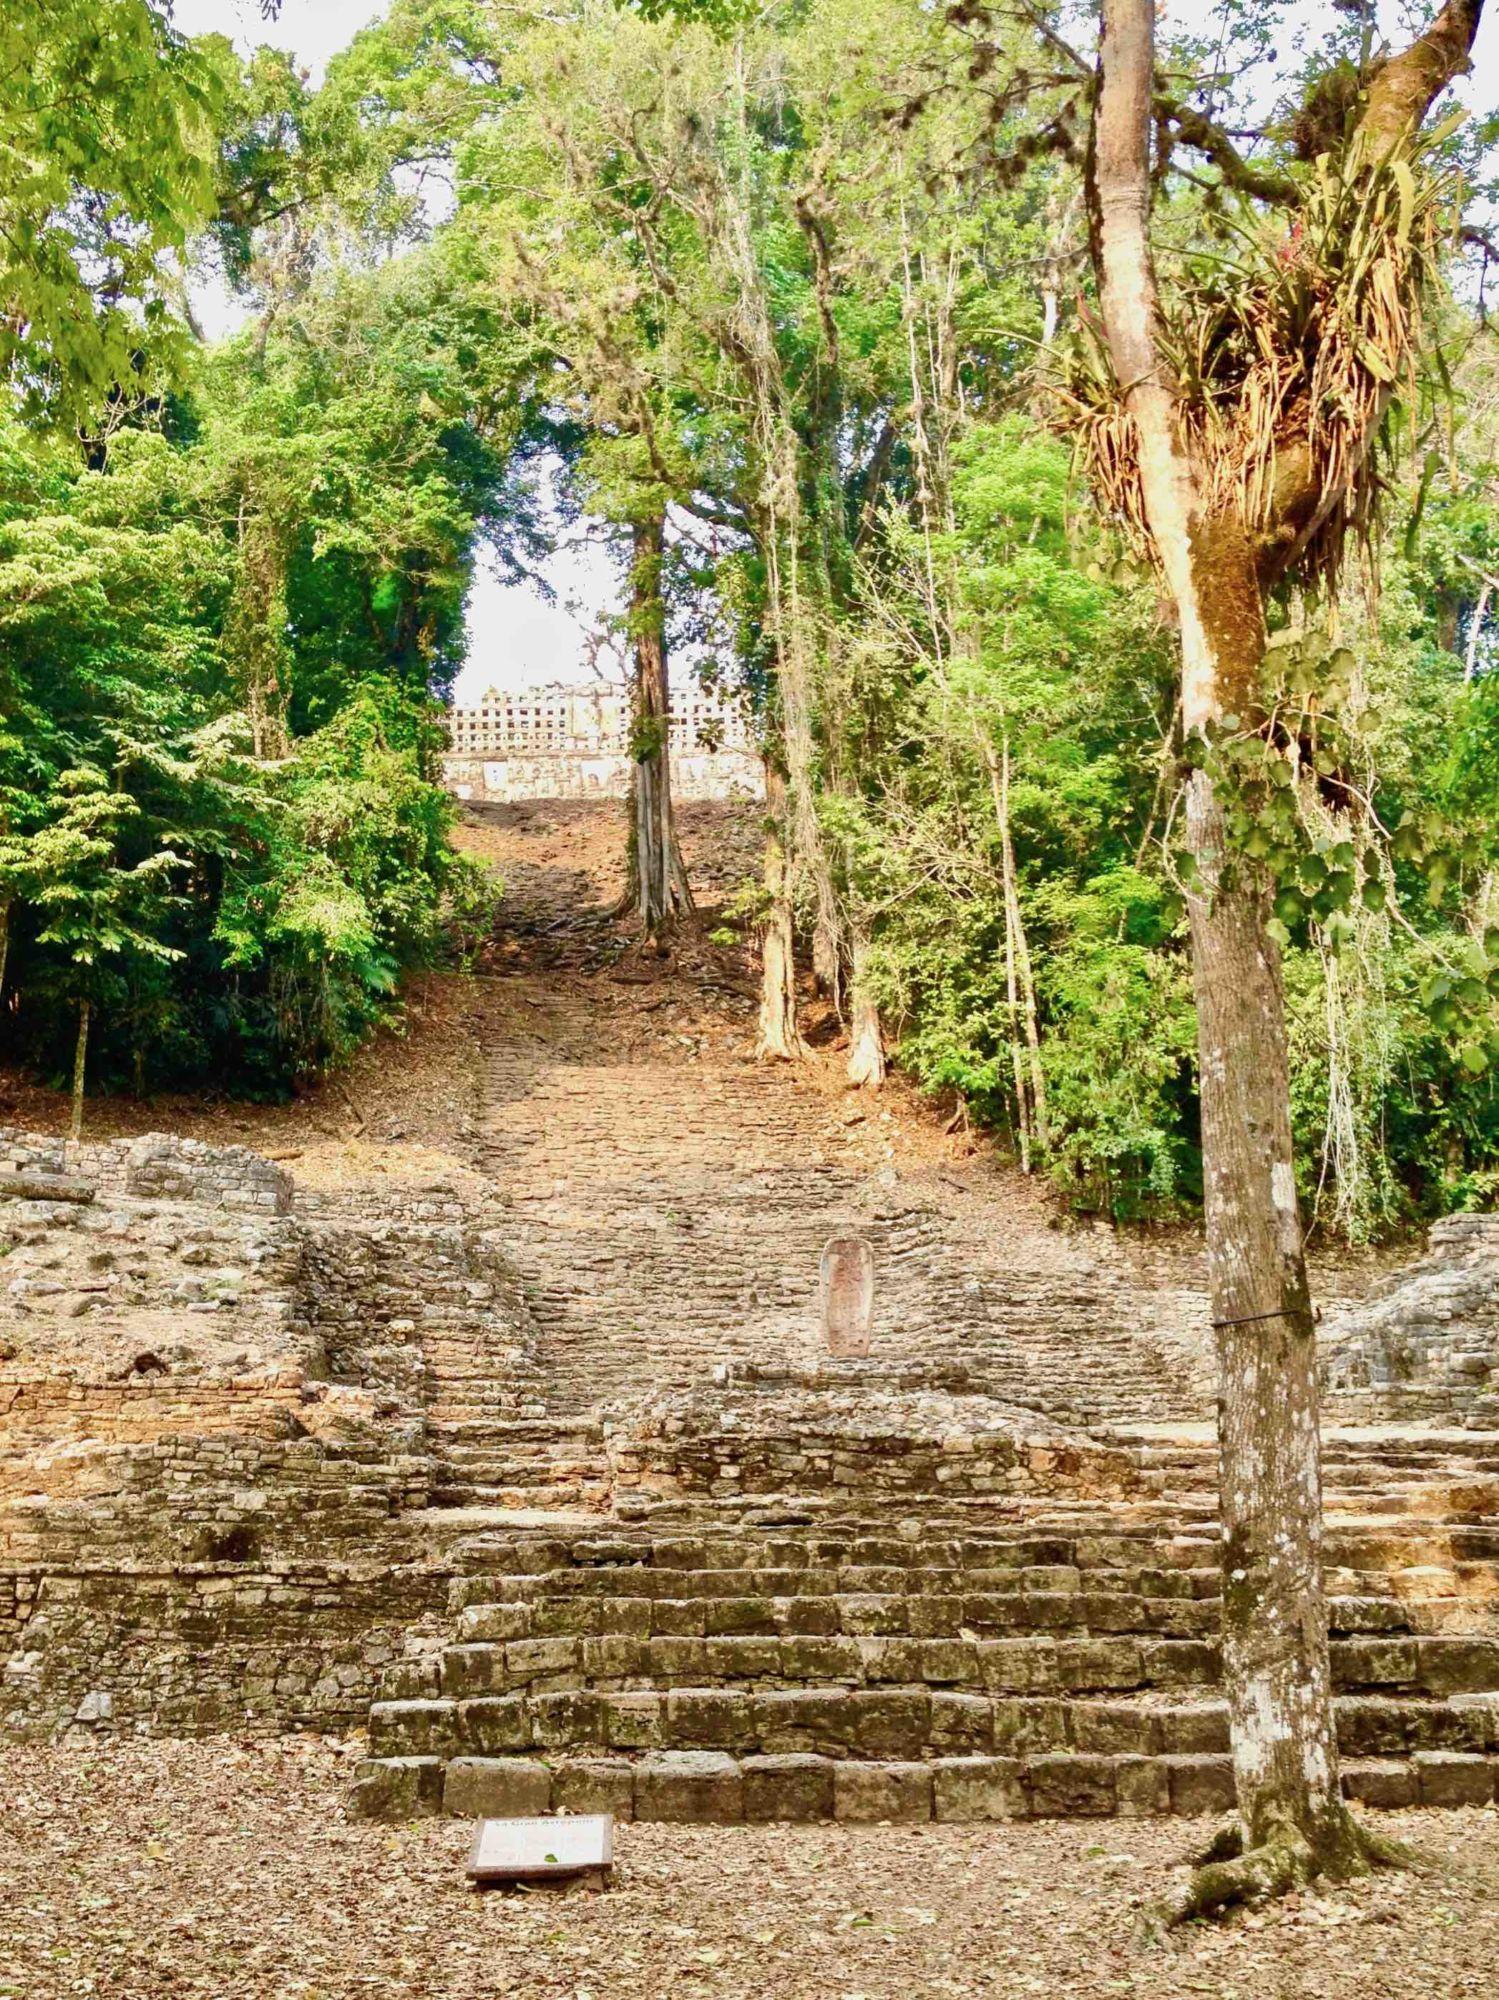 V Yaxchilánu je napyramidách částečně ponechán původní porost